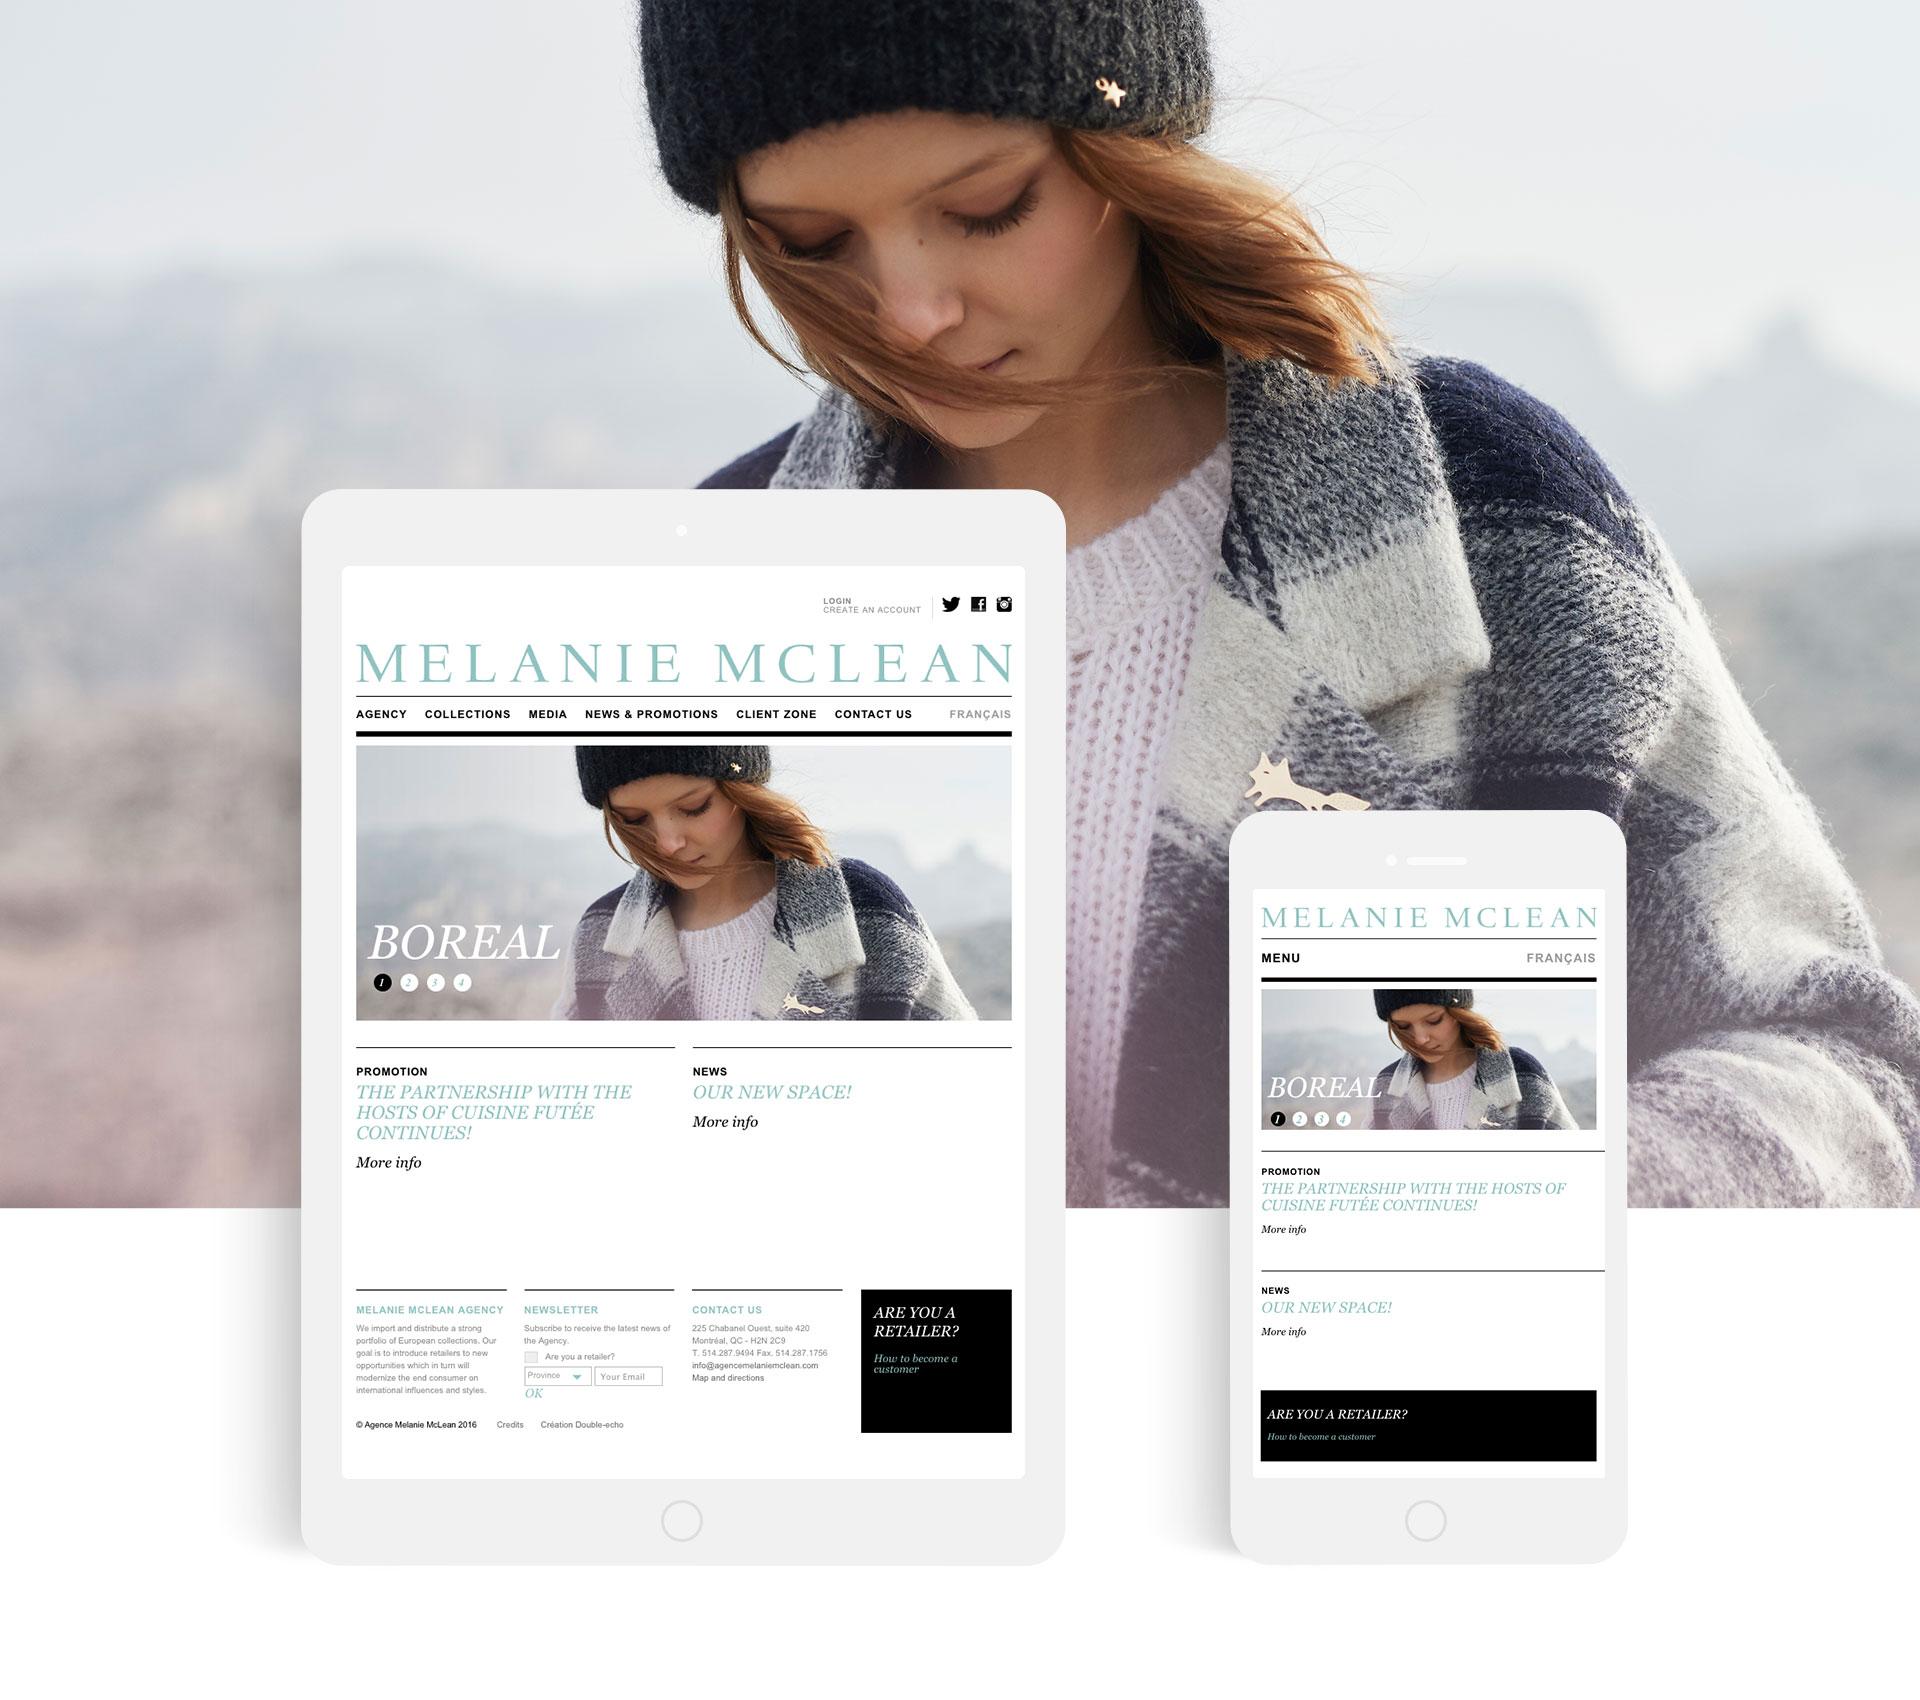 Agence Melanie Mclean